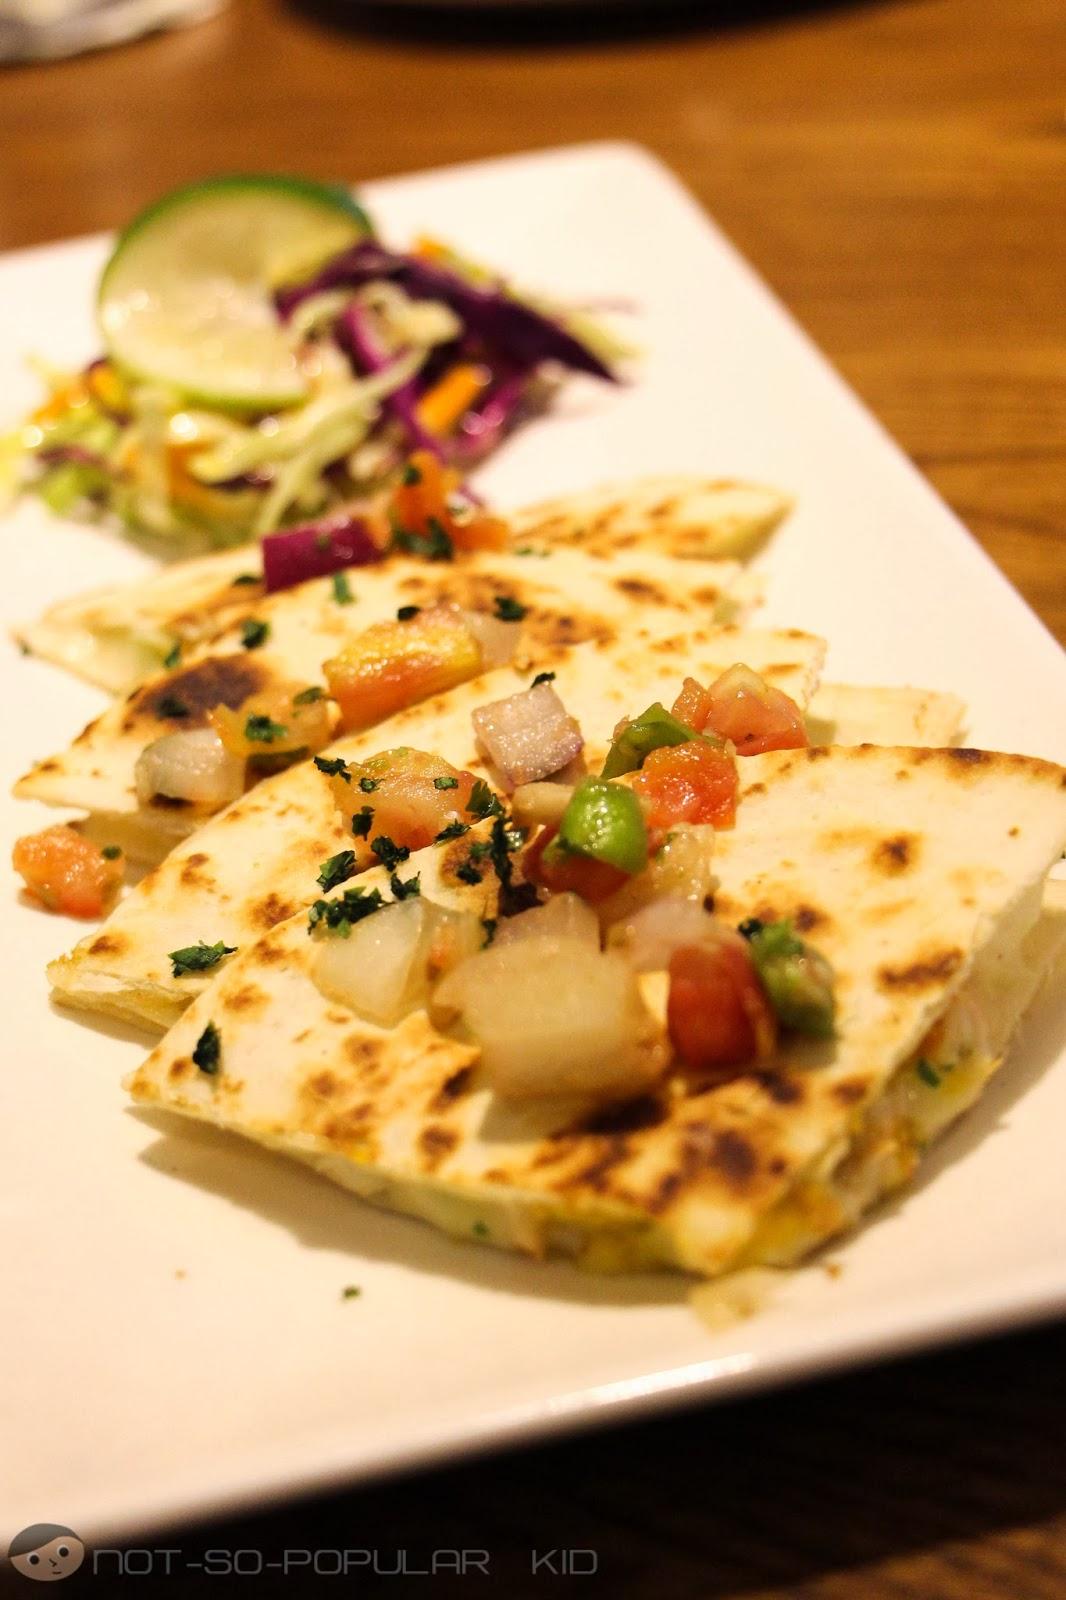 Shrimp Mango Quesadillas of TGI Fridays